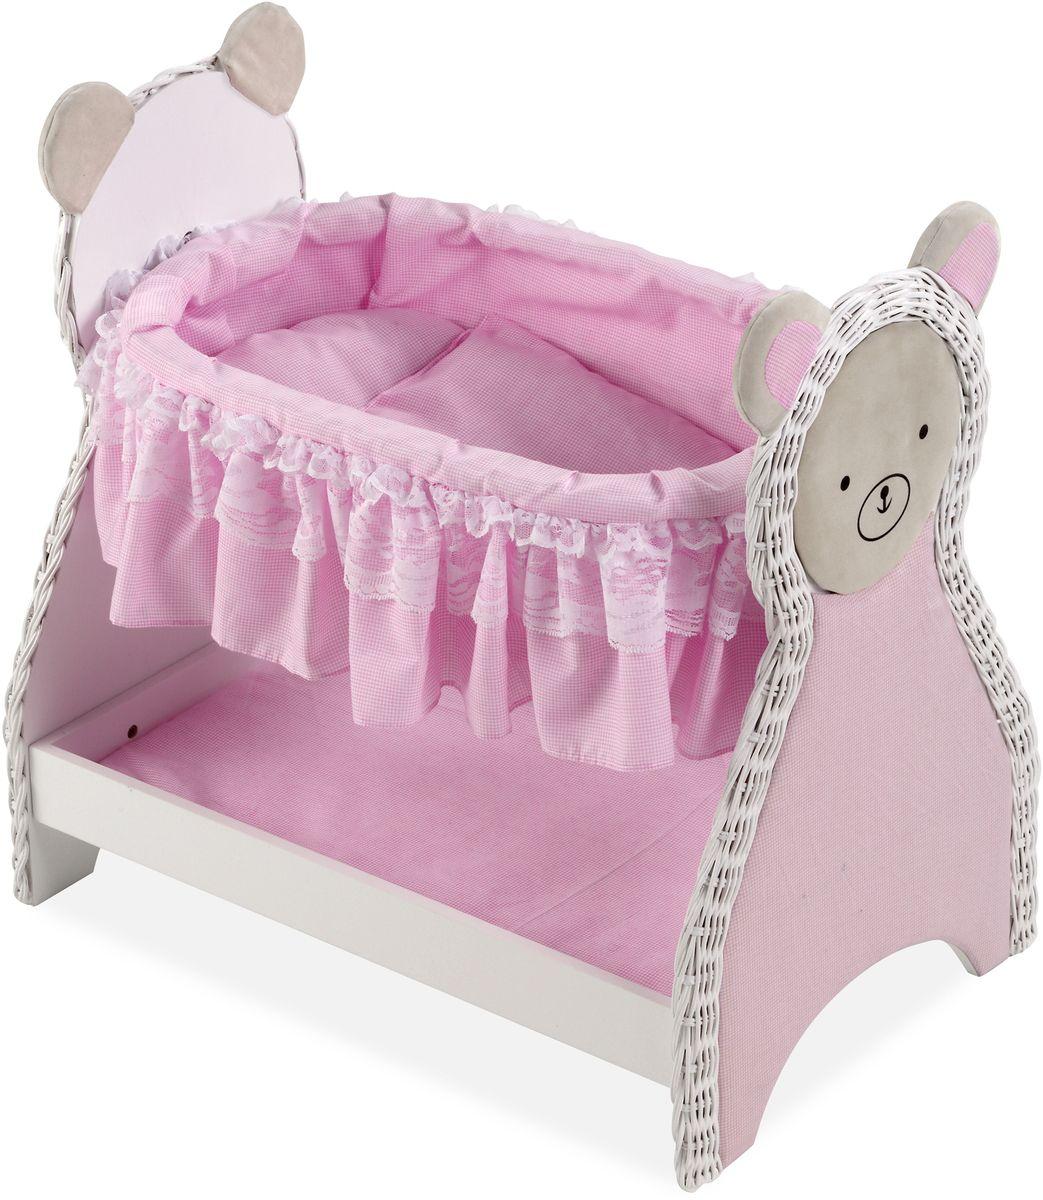 Arias Кроватка для кукол Elegance Т59796Т59796Прекрасная деревянная кроватка Arias Elegance пополнит коллекцию мебели для кукол вашей малышки. Кроватка имеет постельку и нижнюю полочку. На боковинах кроватки изображены мордочки медведей. Размер: 52 см x 34 см x 50 см.